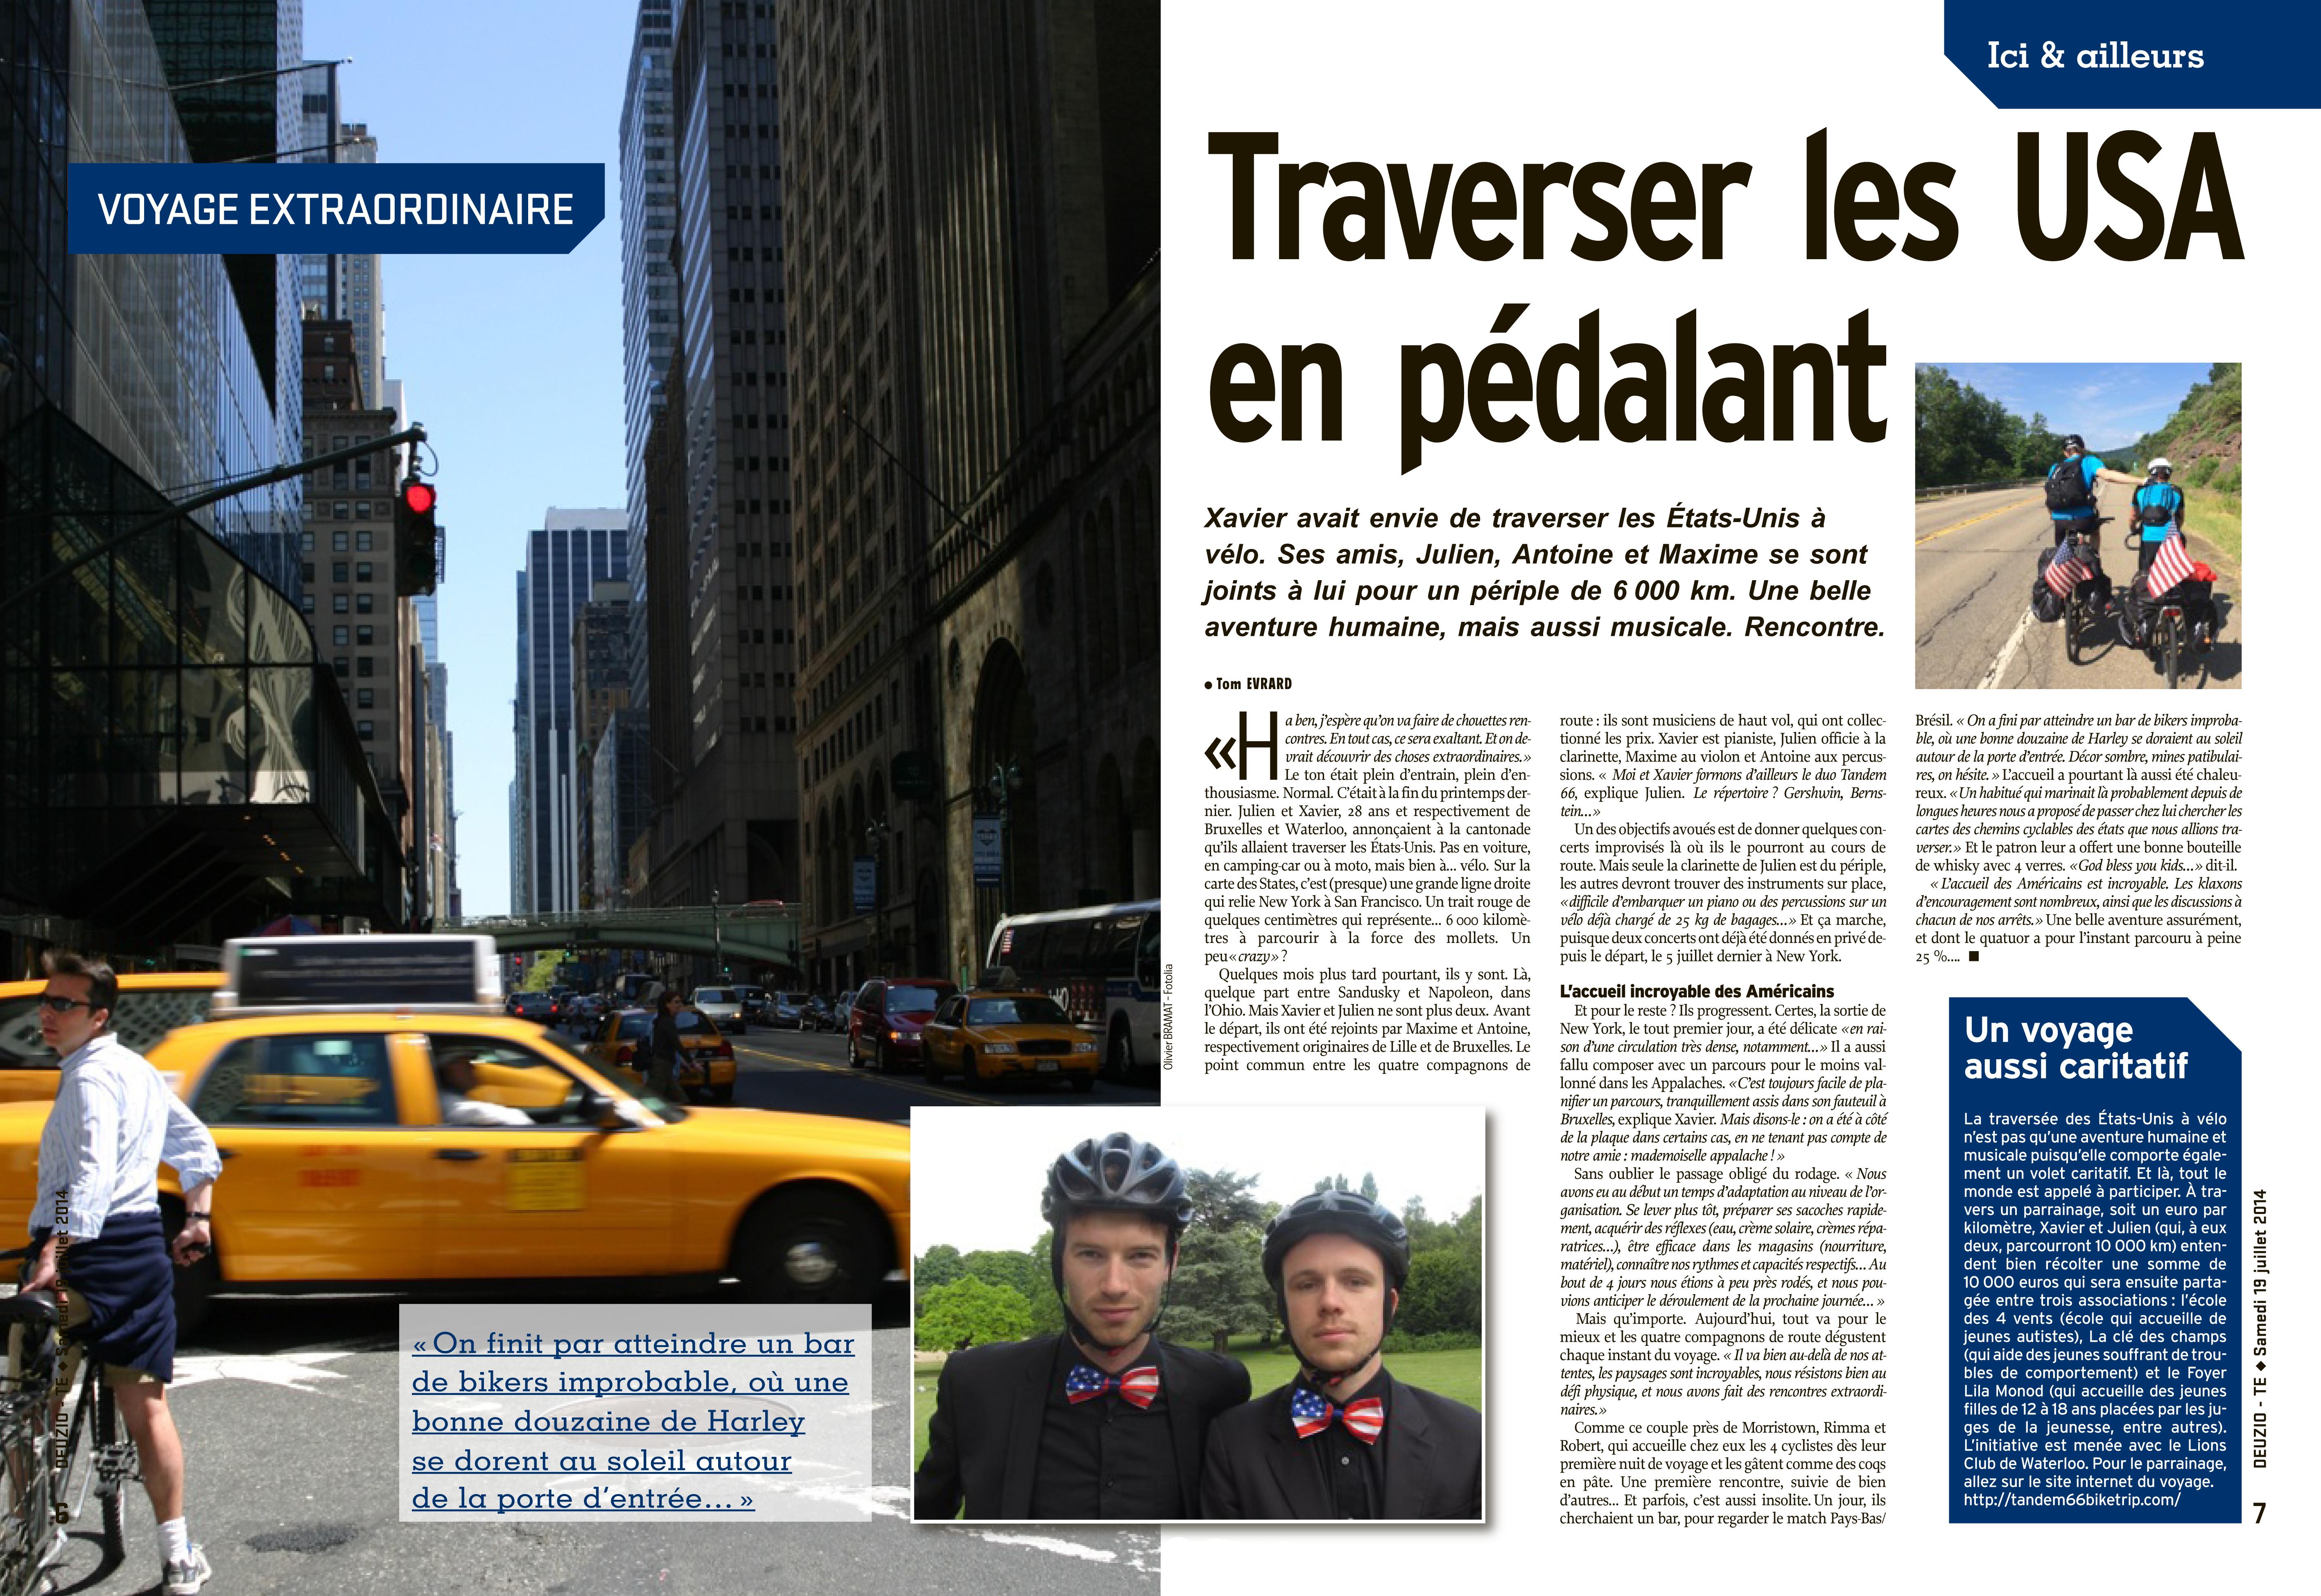 Journal L'Avenir du 19/7/2014